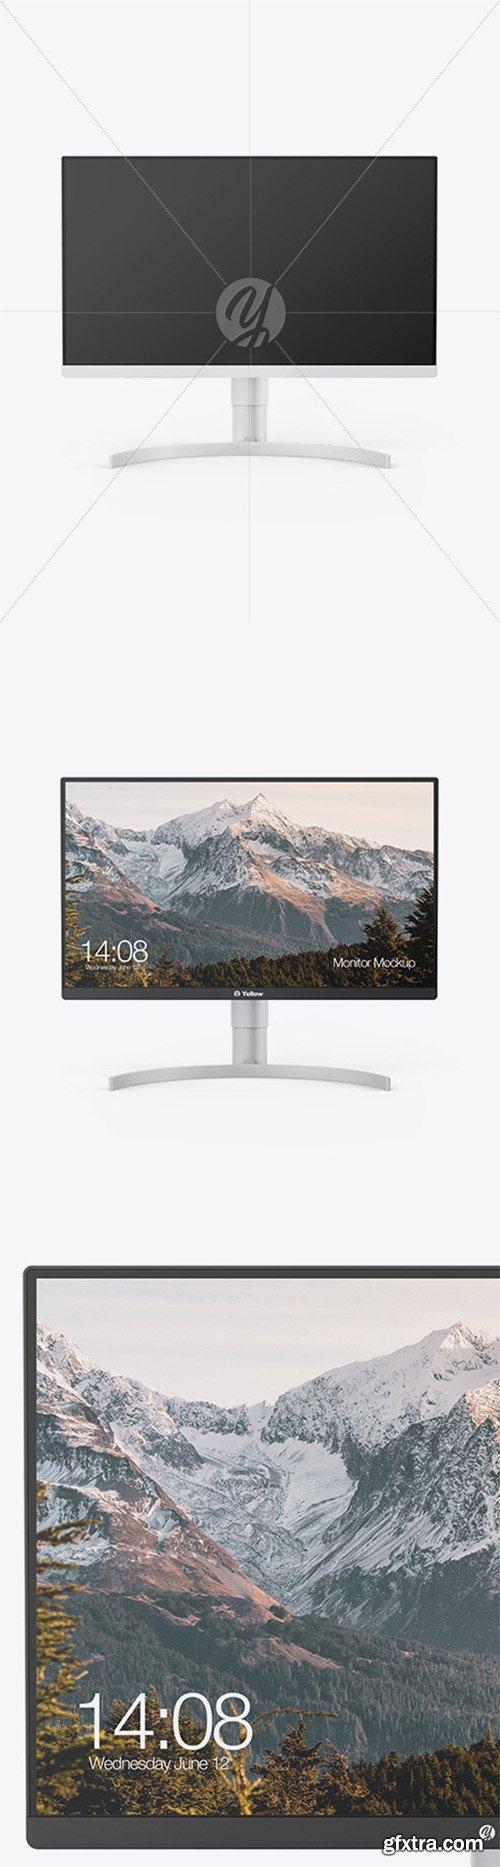 """27"""" Monitor Mockup 61371"""